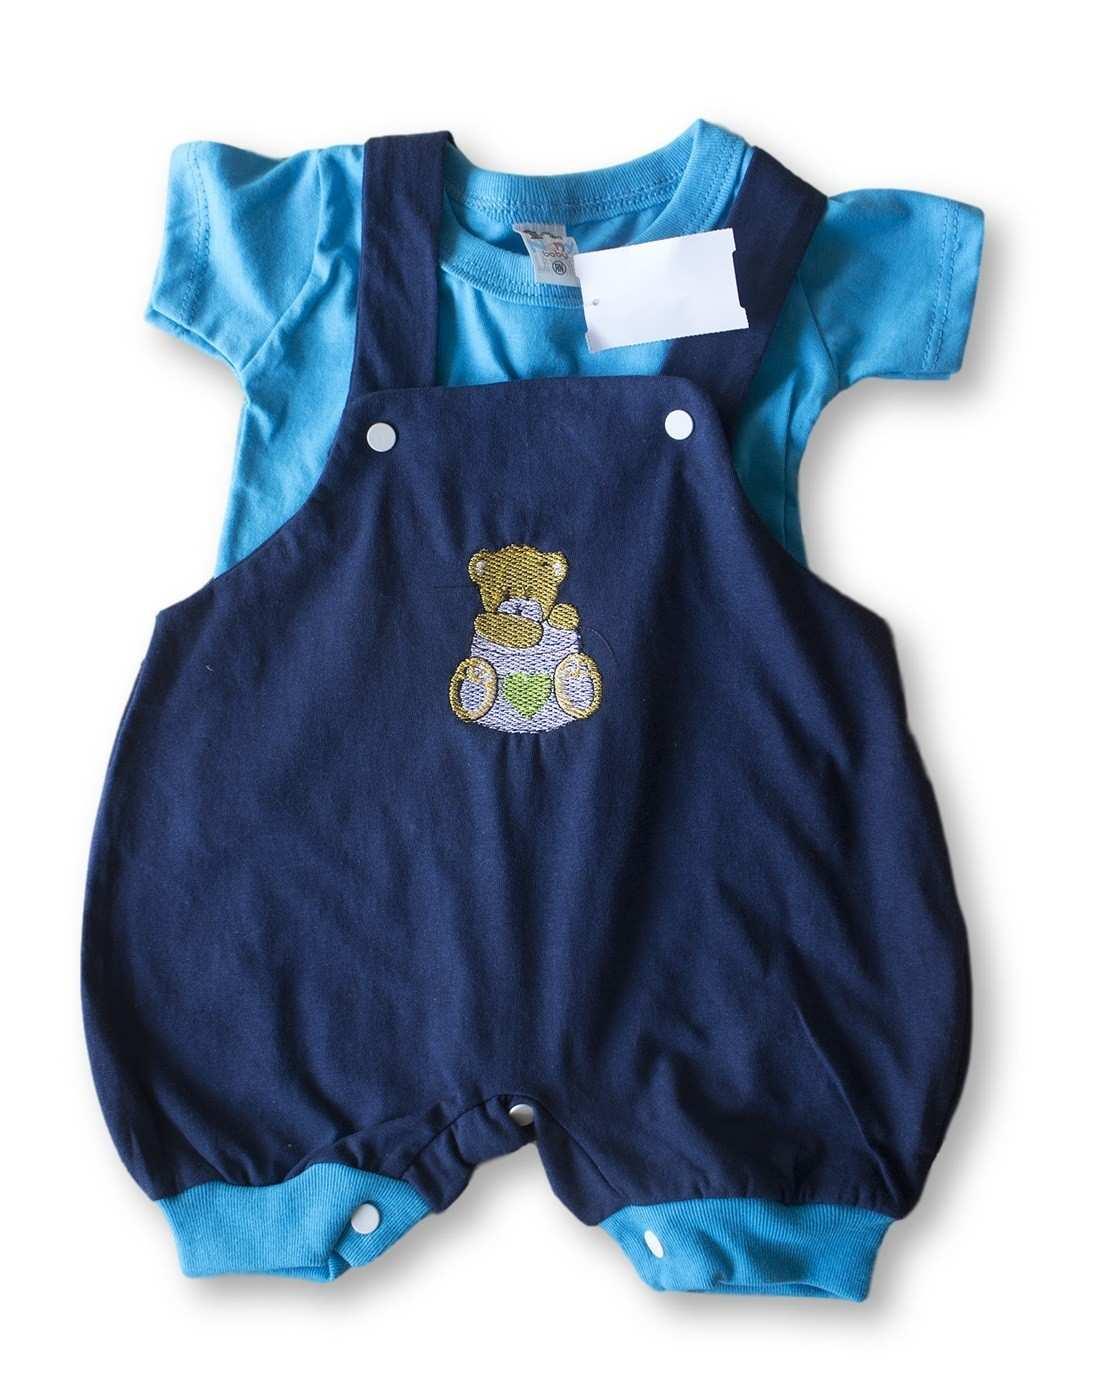 Macacão Bebe Recém Nascido Masculino Bordado Cod 9080